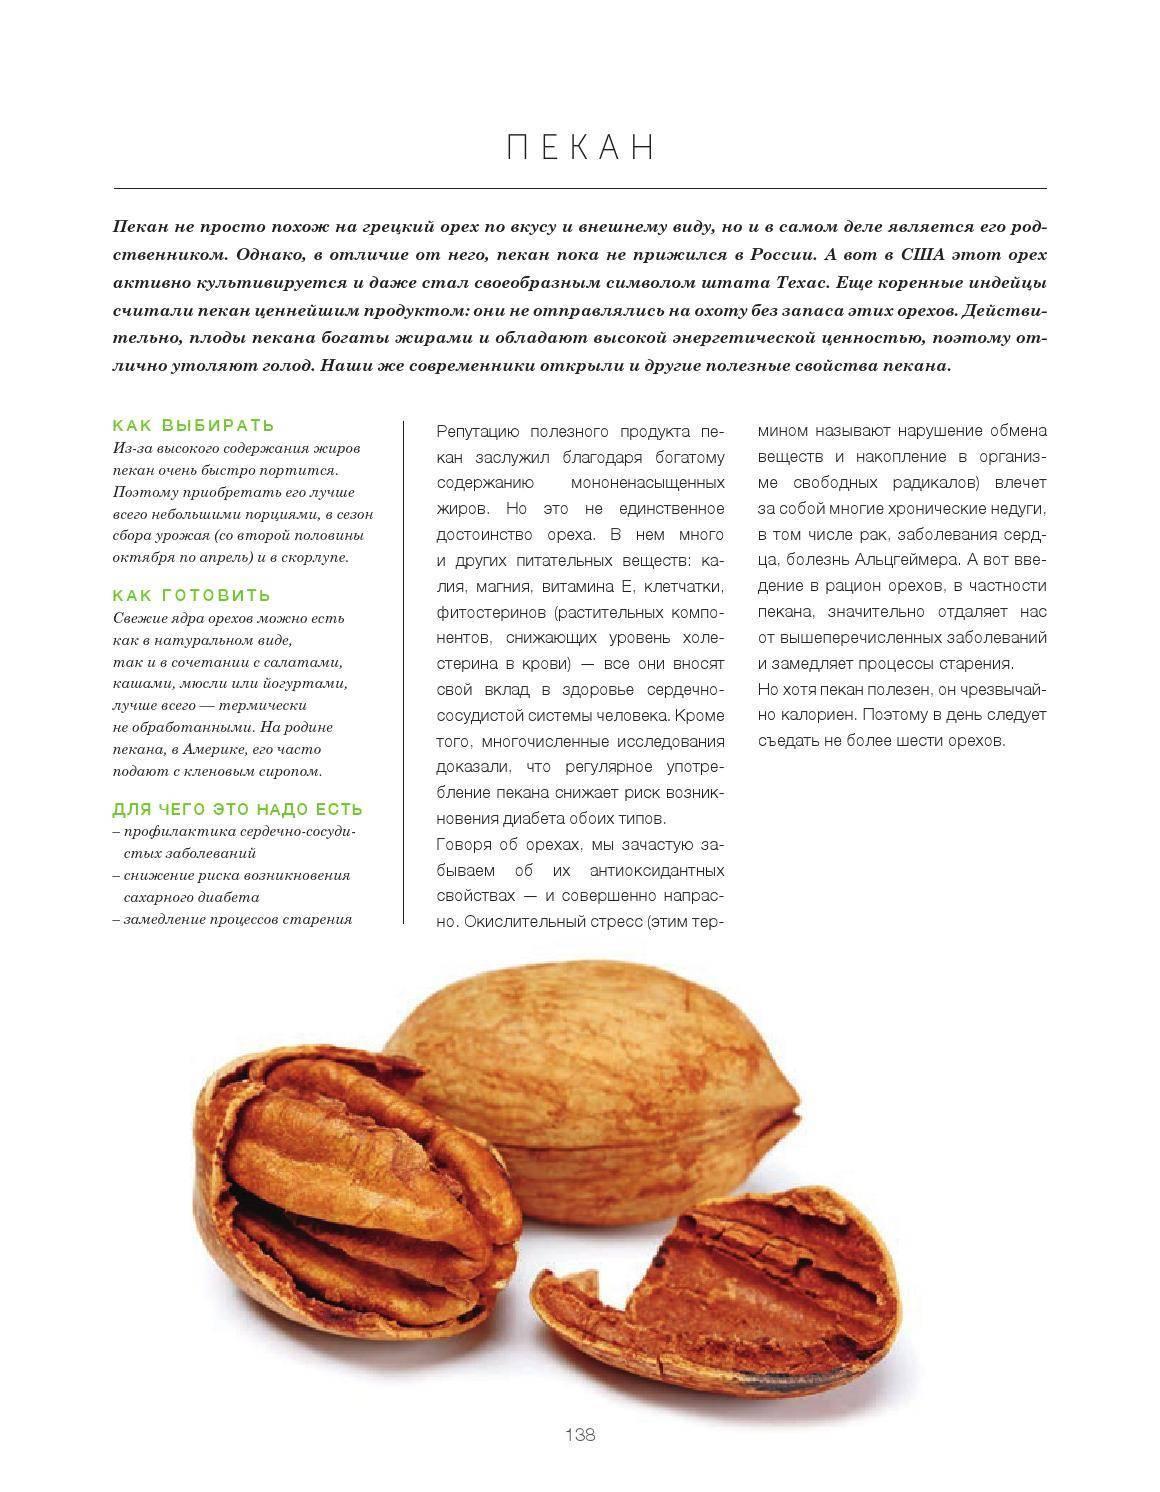 Орех пекан: польза, вред, состав, калорийность, норма в день   здоровье и красота